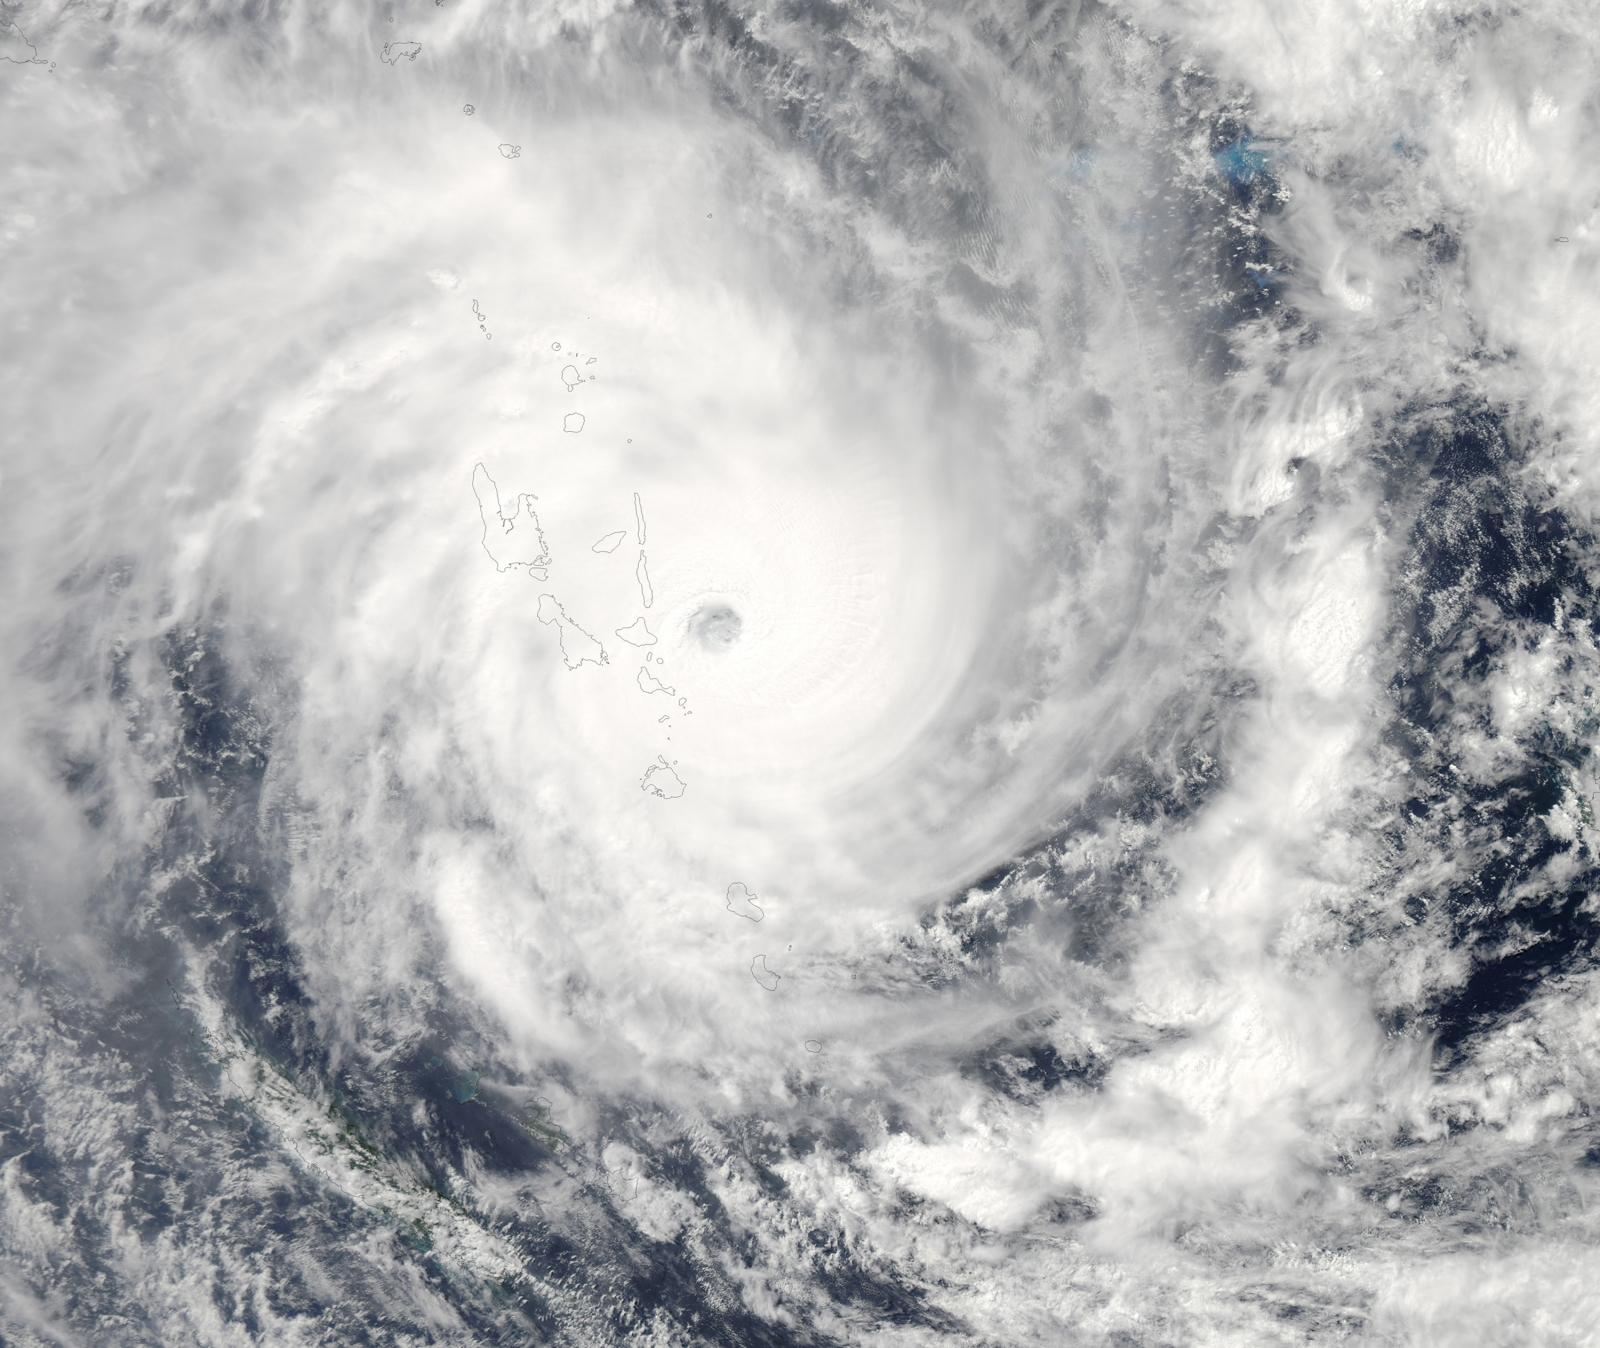 Cyclone Pam batters Vanuatu